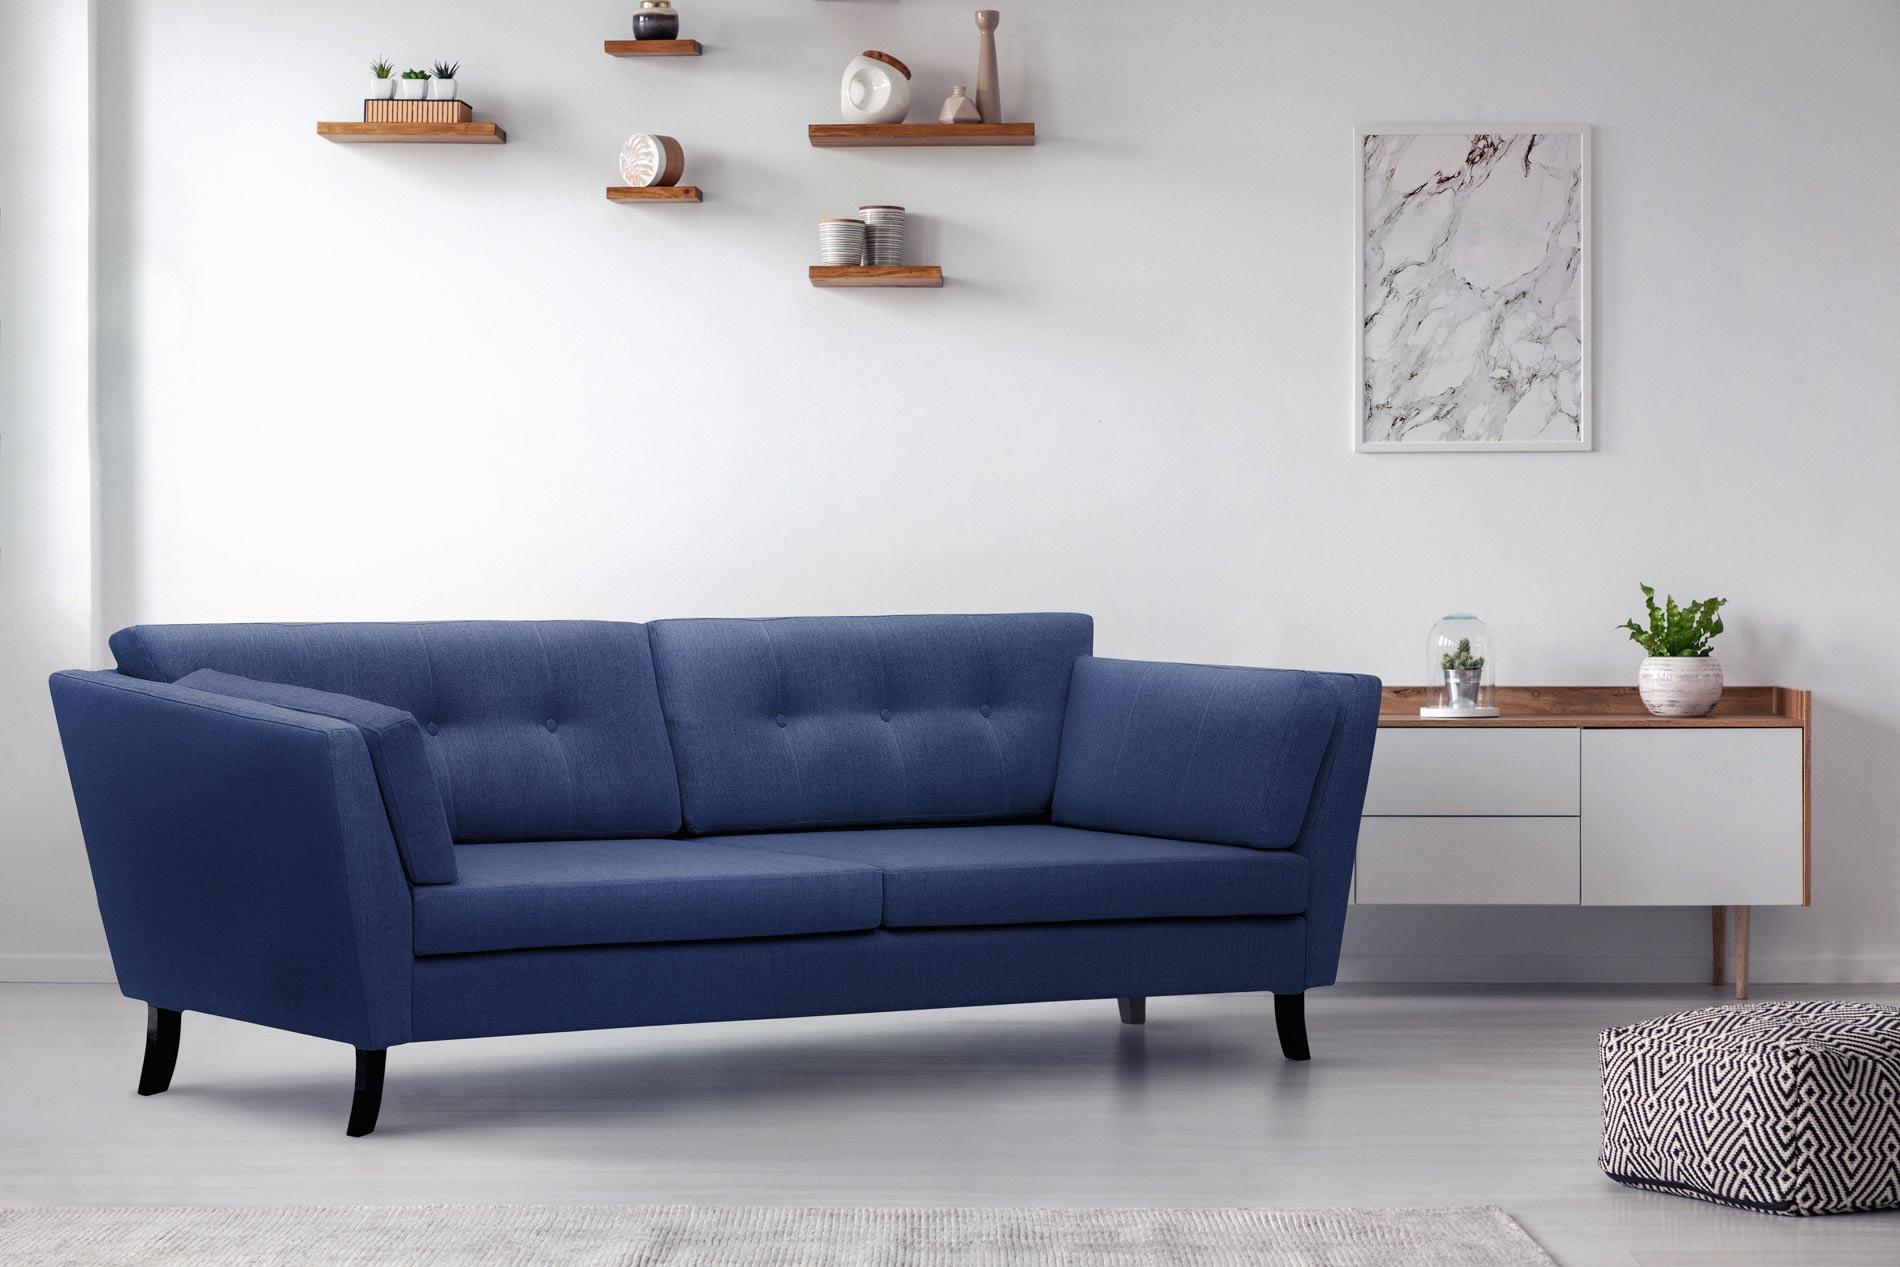 Co wybrać do salonu - narożnik, czy sofę?